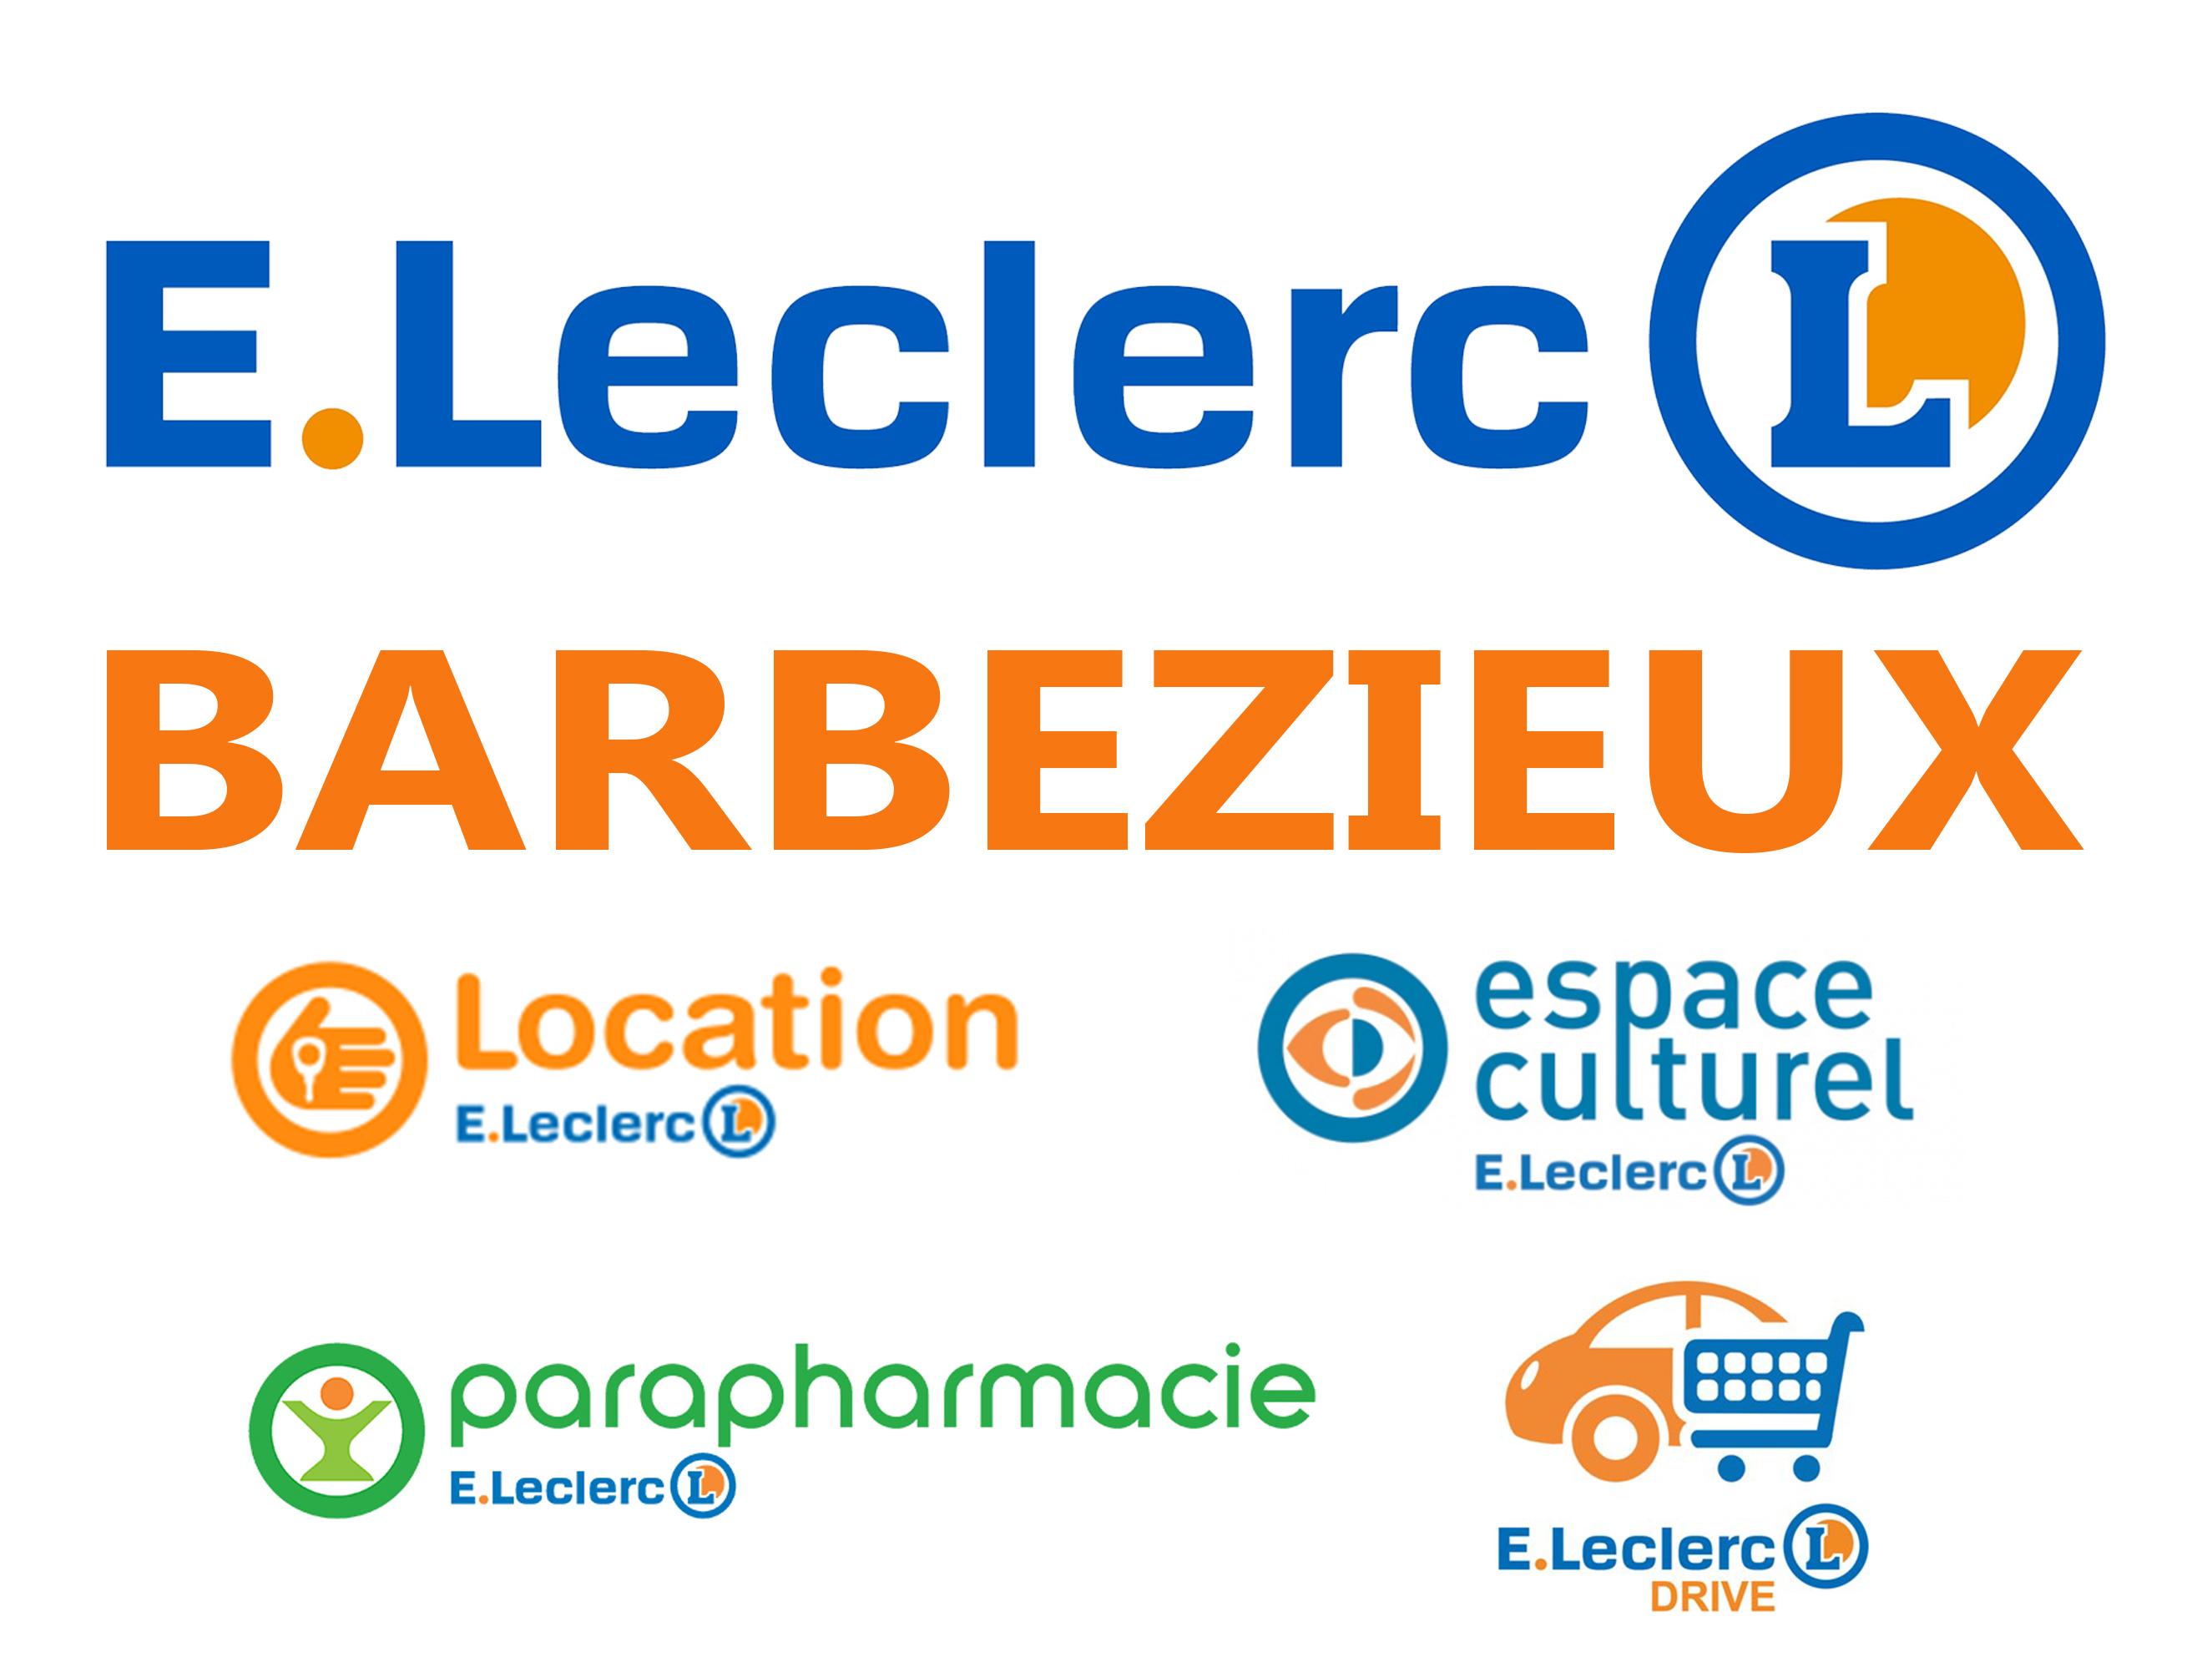 http://www.e-leclerc.com/barbezieux